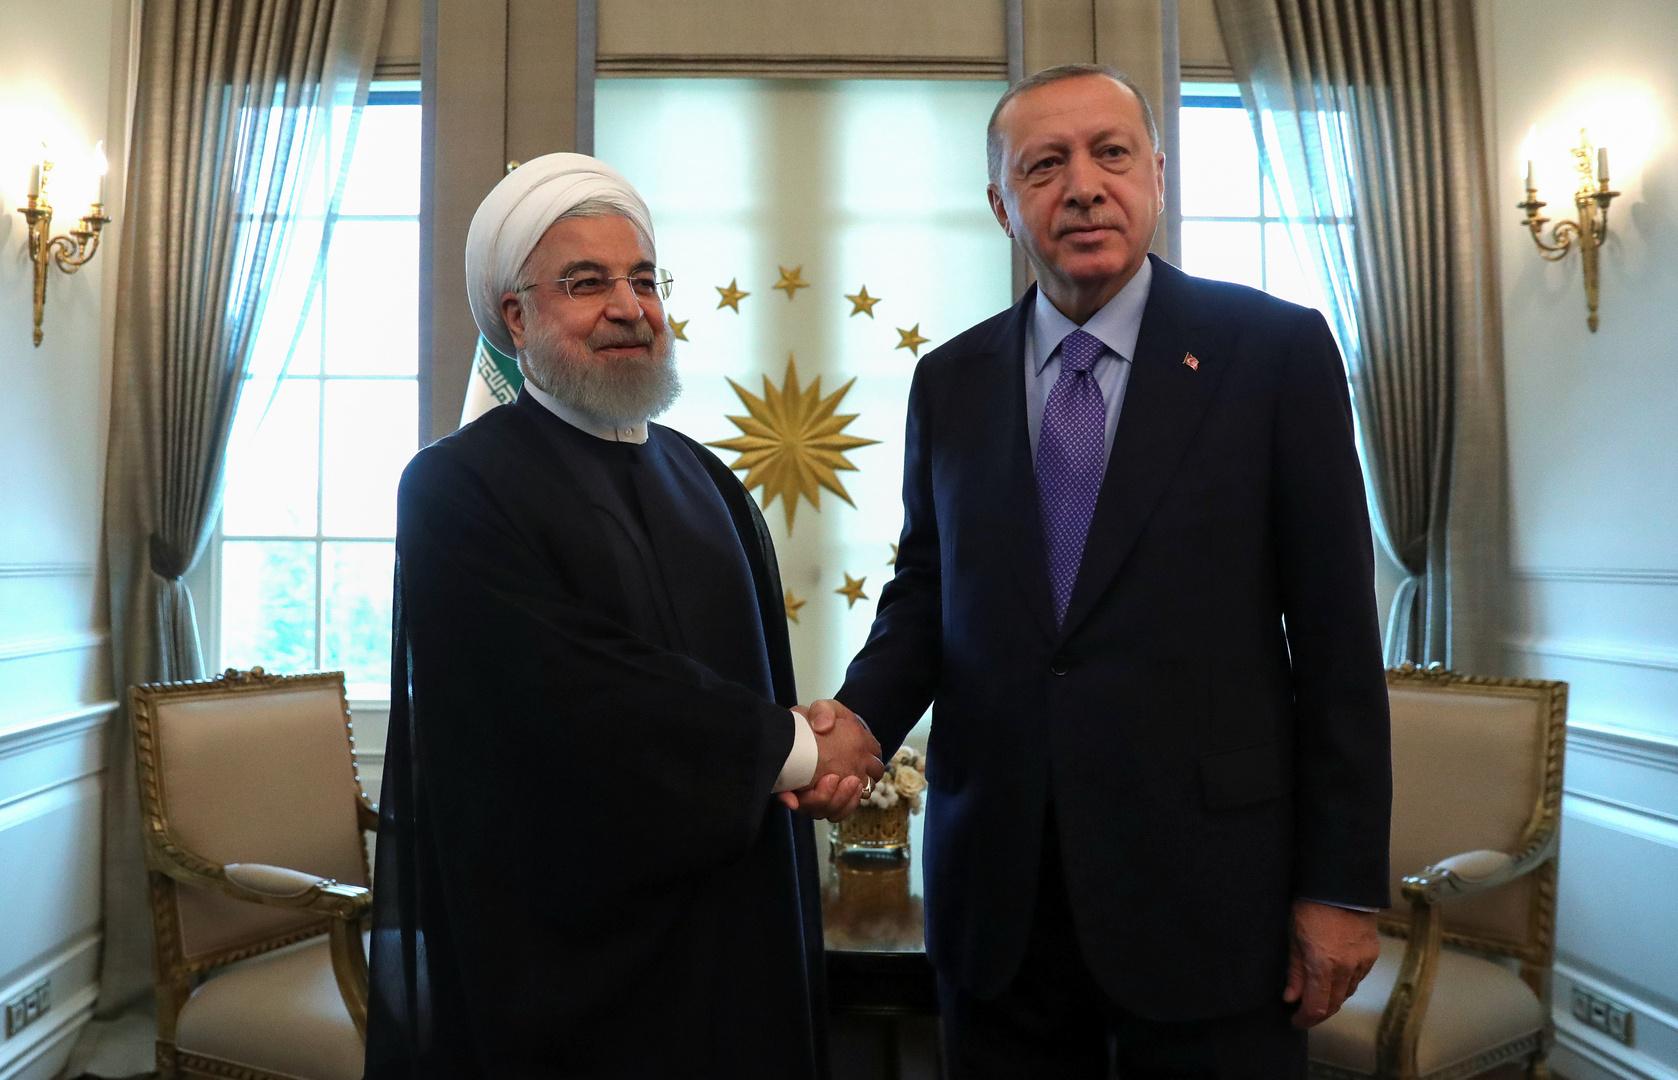 روحاني في رسالة لأردوغان: مستعدون لتقديم أي نوع من الإغاثة إثر زلزال إزمير